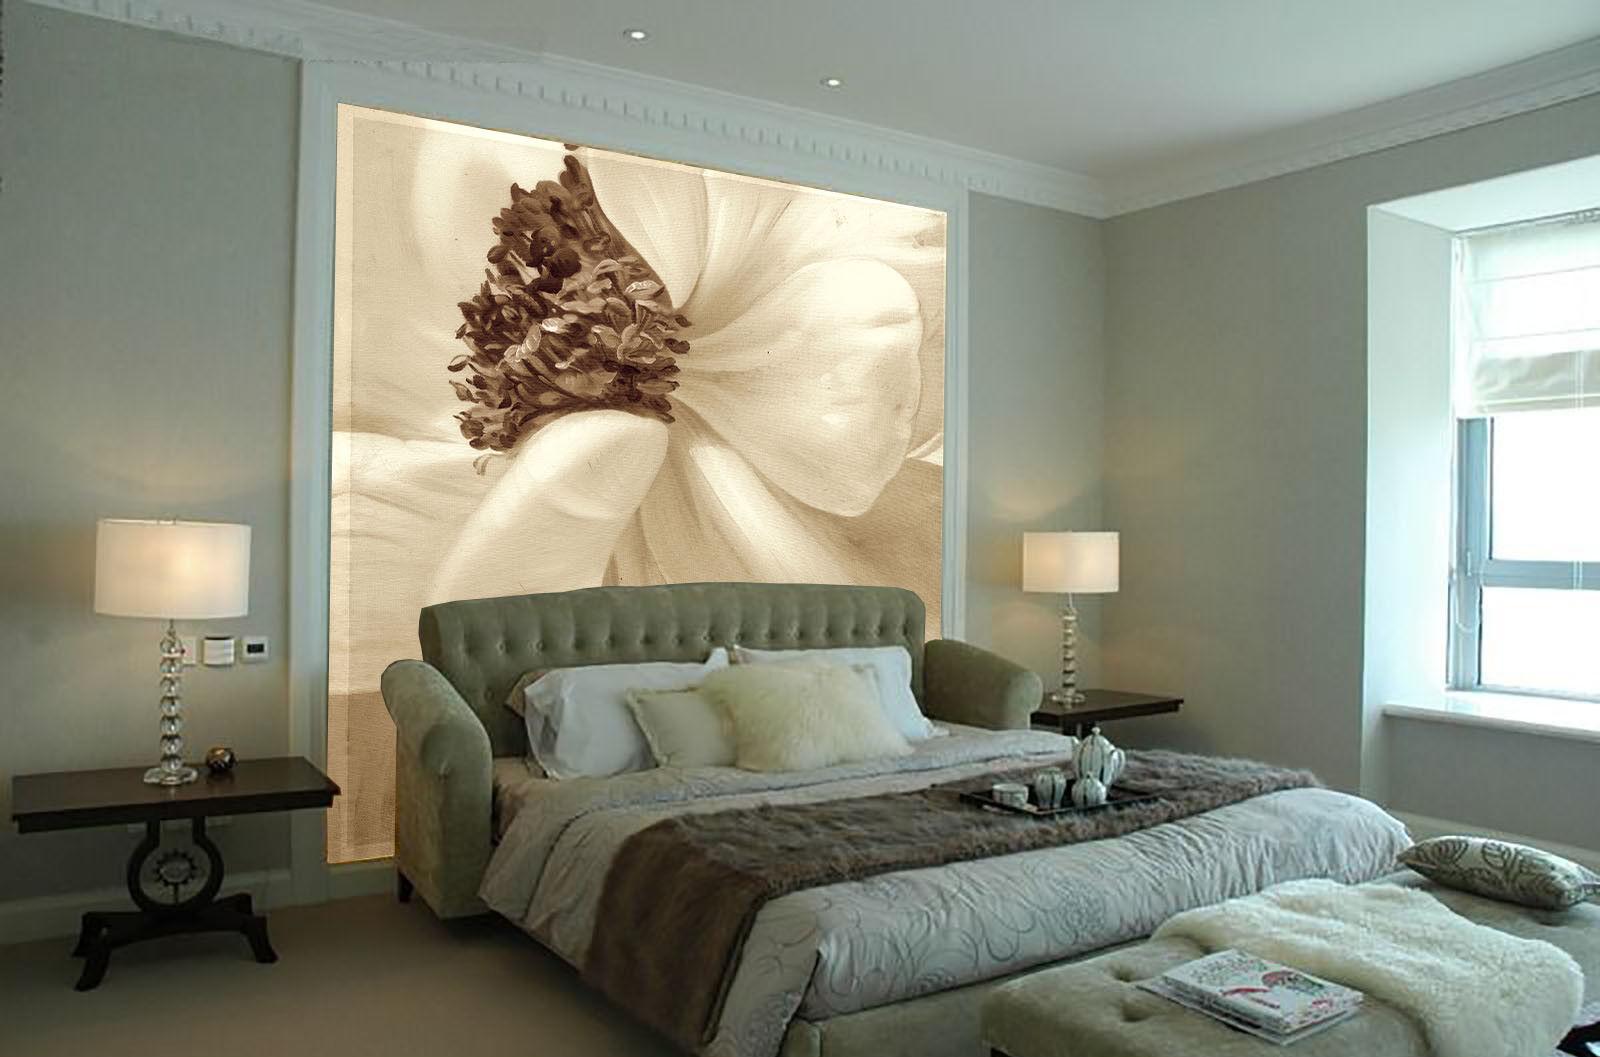 Papel Pintado 23 Mural De Vellón Pétalos De Flor Blancas 23 Pintado Paisaje Fondo Pantalla f6fdc2